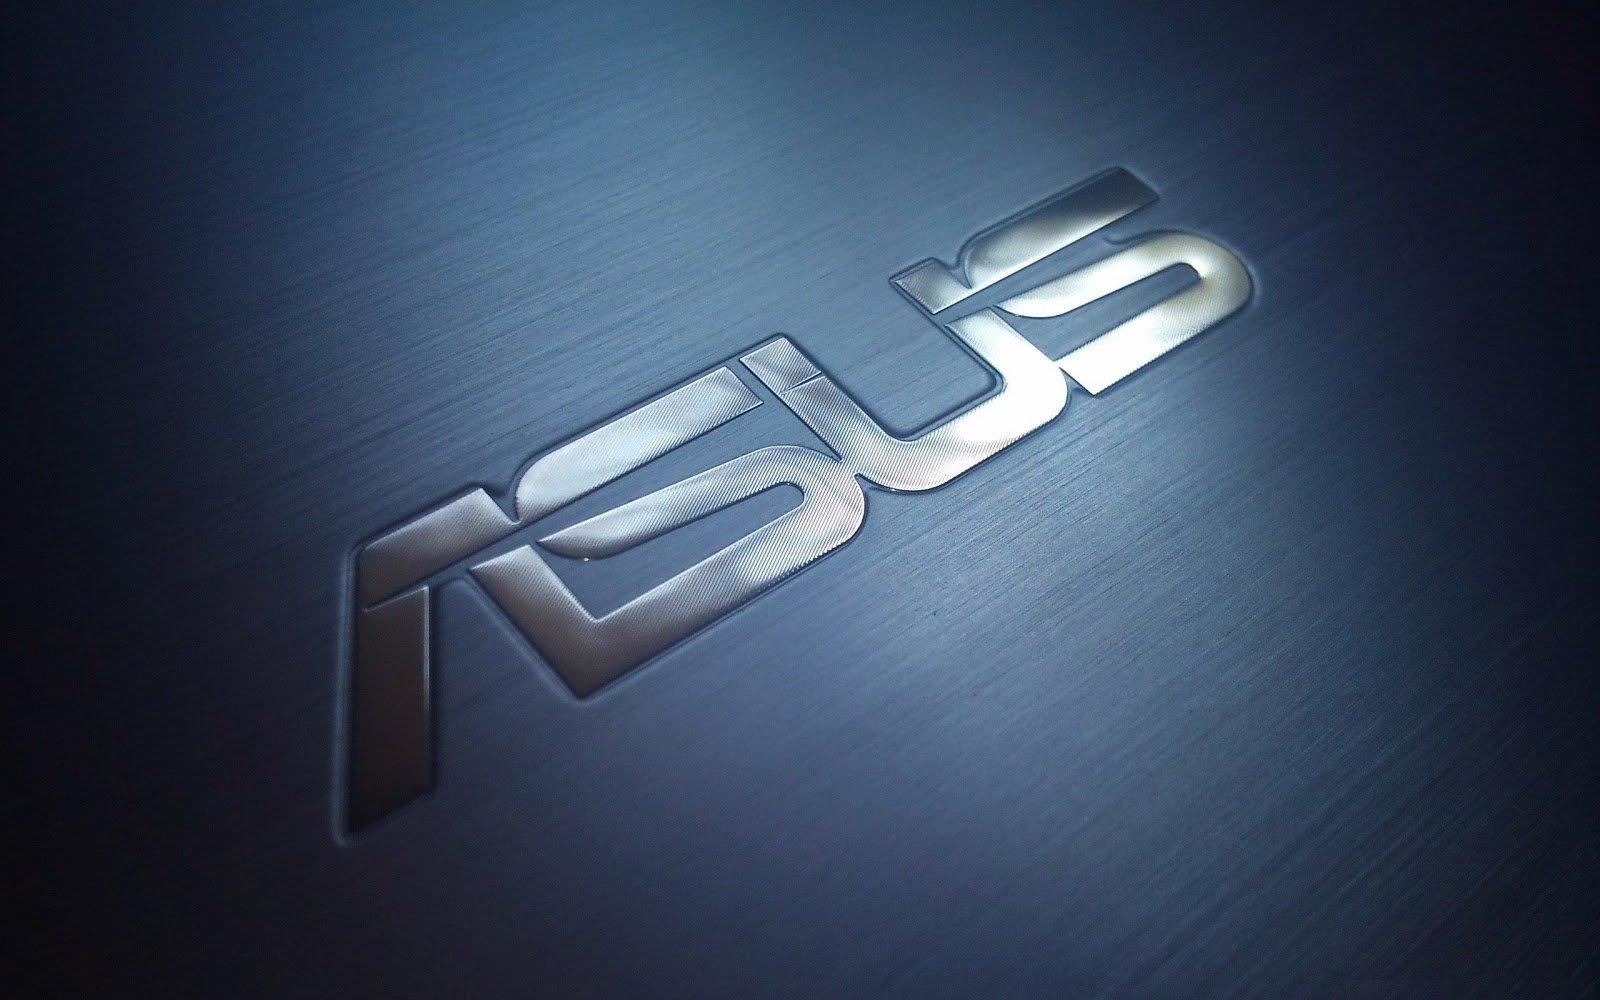 ASUS Wallpaper Full HD